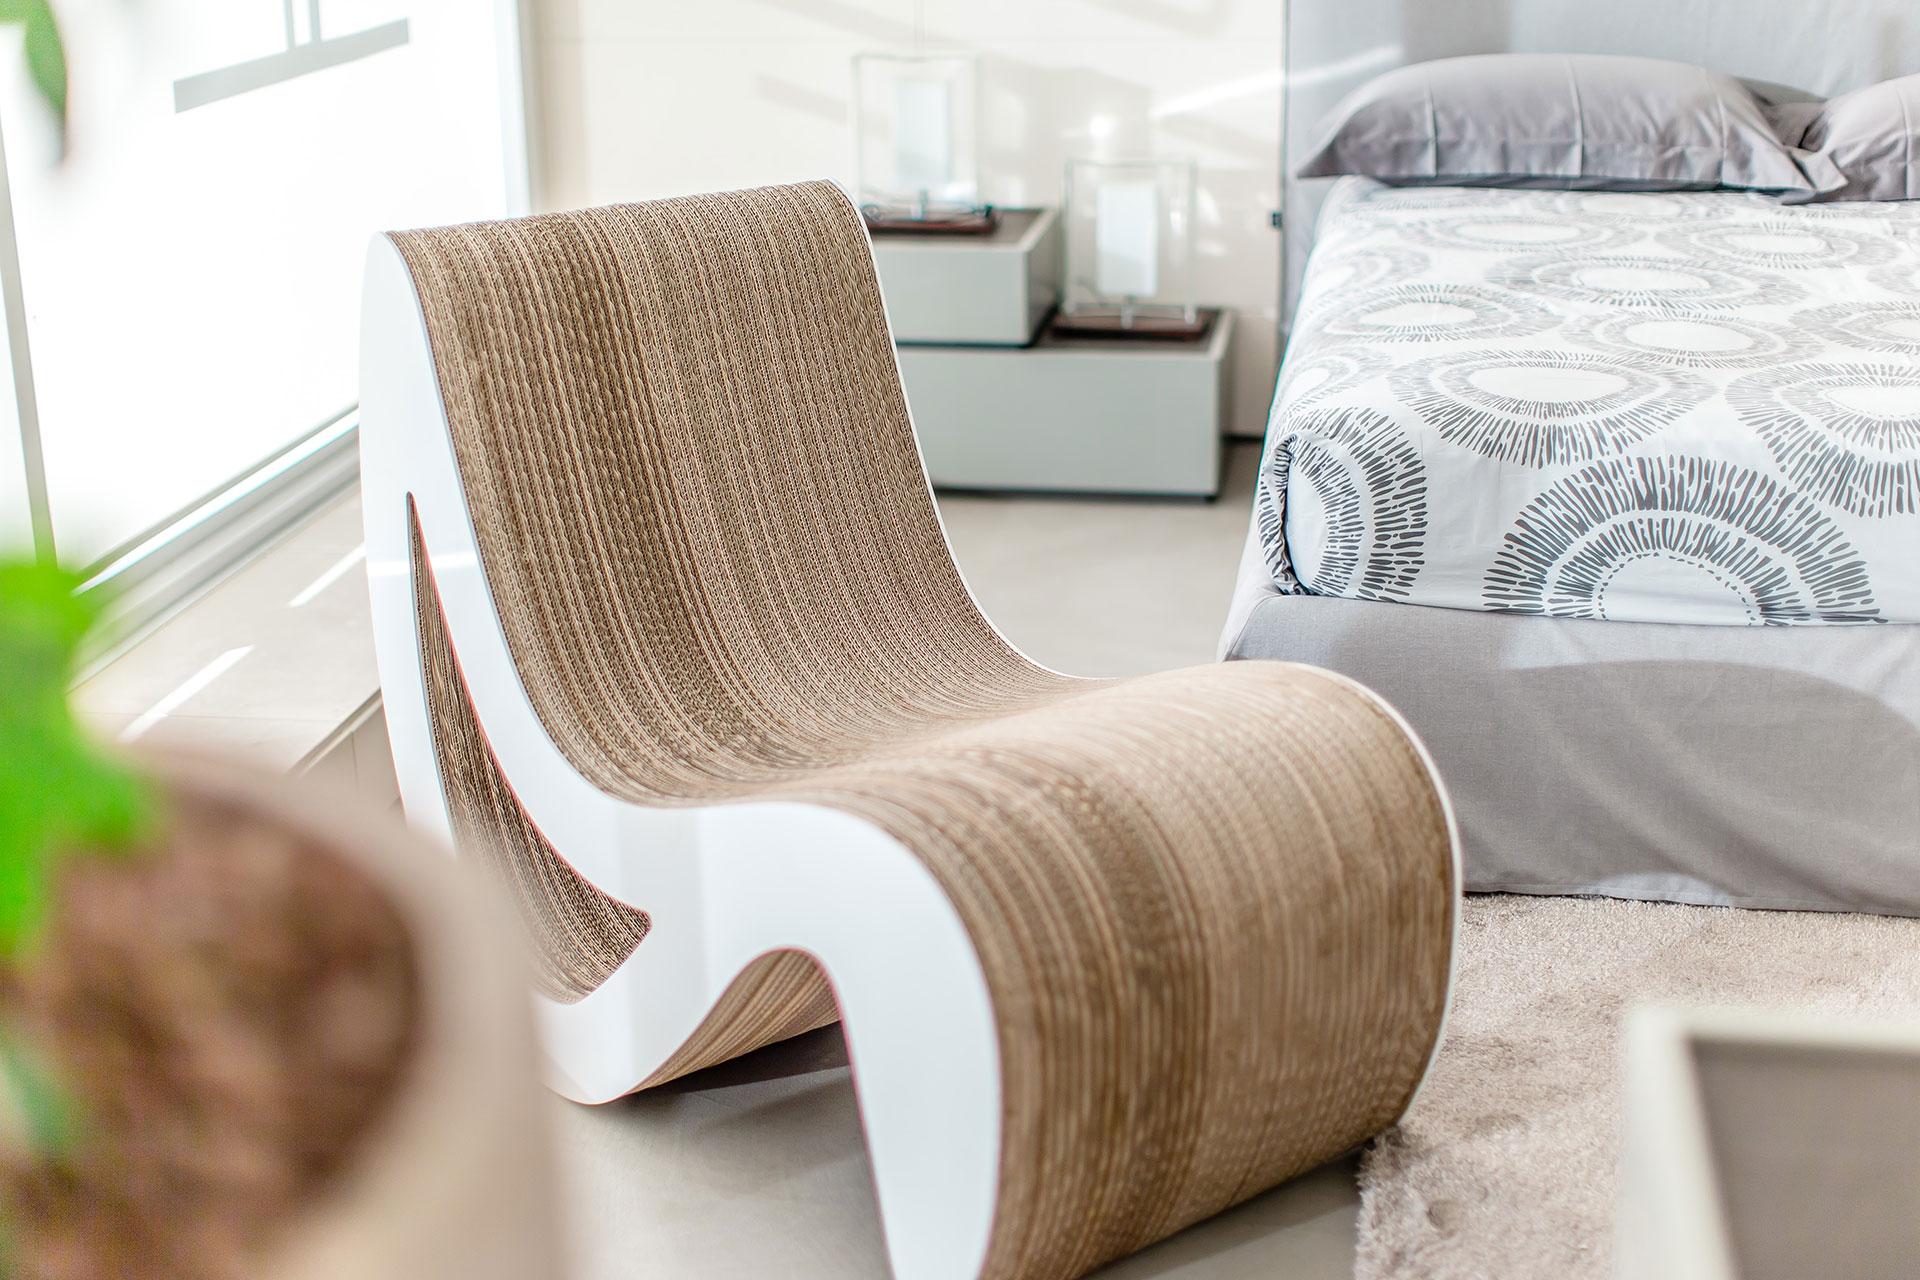 Mobili in cartone arredamento ecostostenibile per la tua casa